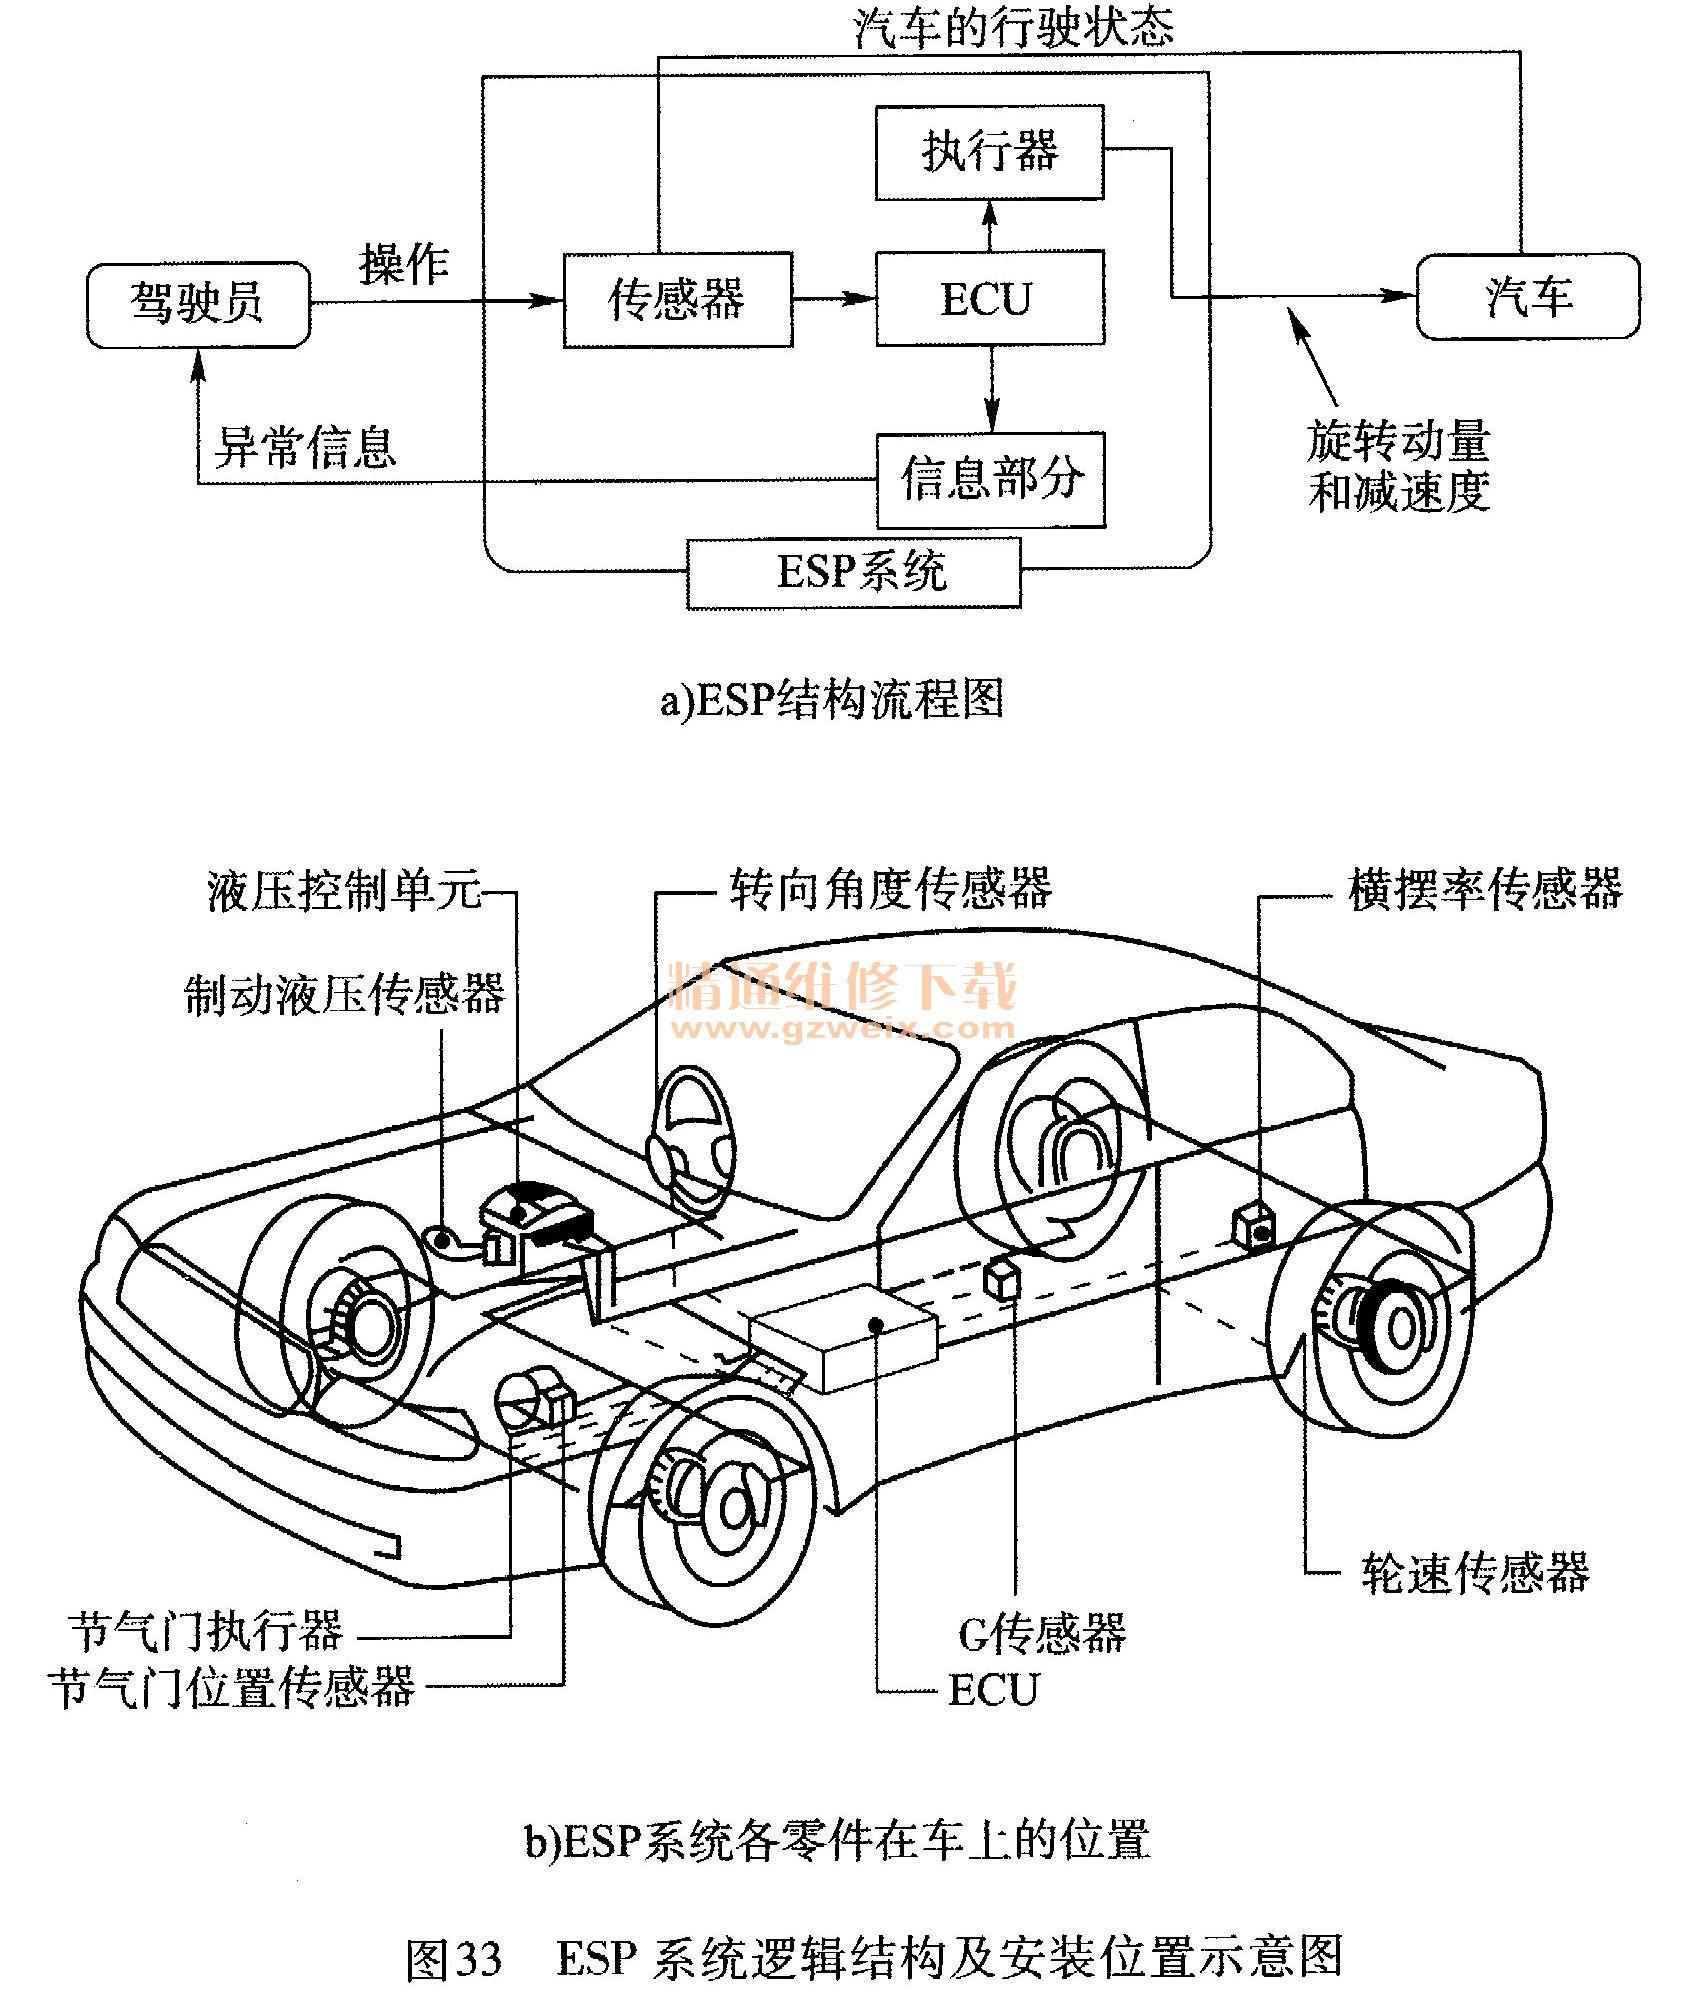 1. ESP的概念与类型 (1) ESP的概念 ESP是Electronic Stability Program的缩写,即汽车电子稳定程序,简称电子稳定系统。ESP是通过发动机ECU的控制,有选择性地控制制动轮缸的制动力,防止车辆滑移,属于汽车主动安全系统,又称为行驶动力控制系统。它是ABS和ASR两种系统功能的延伸。从某种意义讲,ESP系统也是一种牵引力控制系统,但是与其他牵引力控制系统比较,ESP不仅控制驱动轮,而且控制从动轮。如后轮驱动汽车转向过度时,ESP便通过控制外侧的前轮制动力来稳定车辆,防止